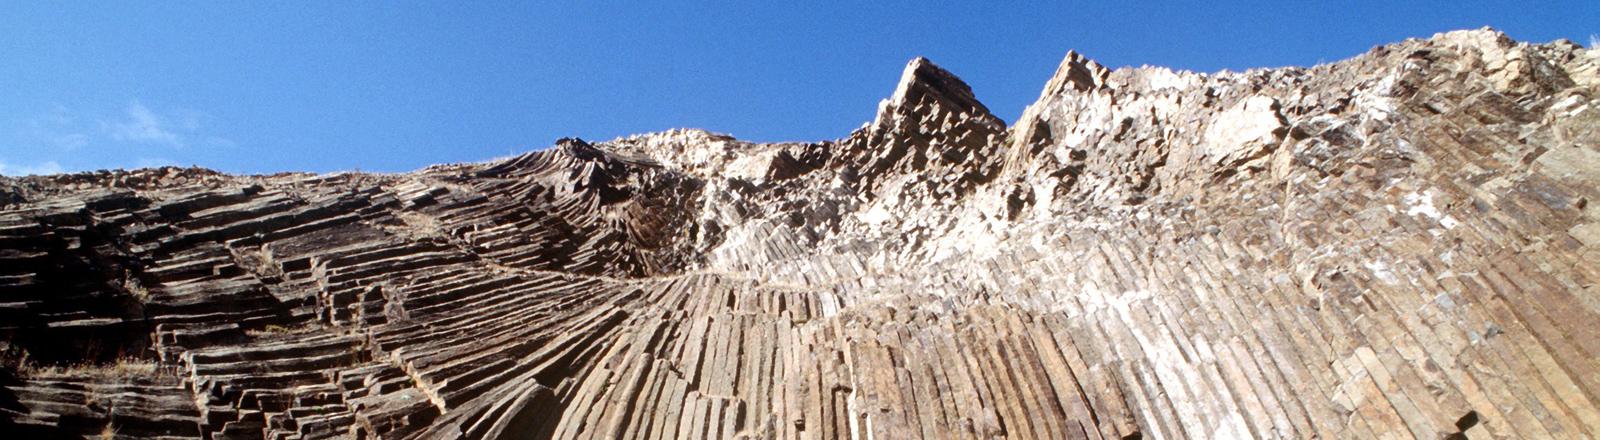 Felsen mit säulenförmigem Basalt bei Campo de Baixo auf der Nachbarinsel Porto Santo, die zu Madeira gehört, aufgenommen 1998.